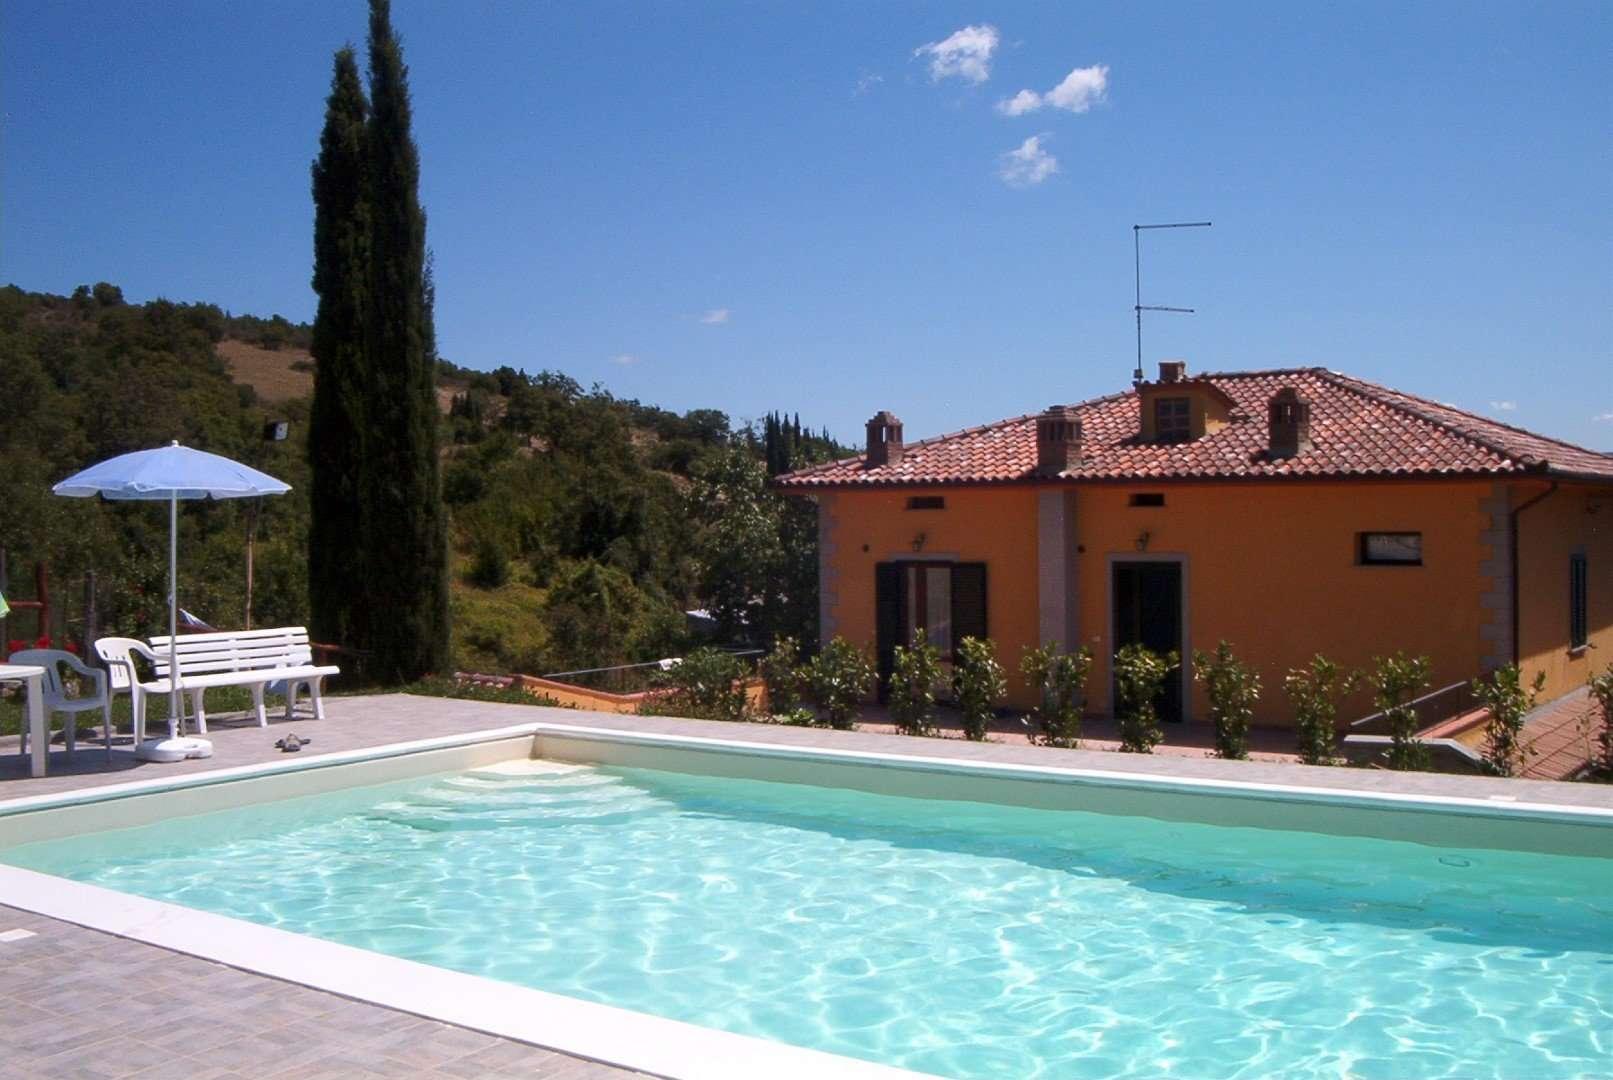 caldesi zwembad en huis (2)